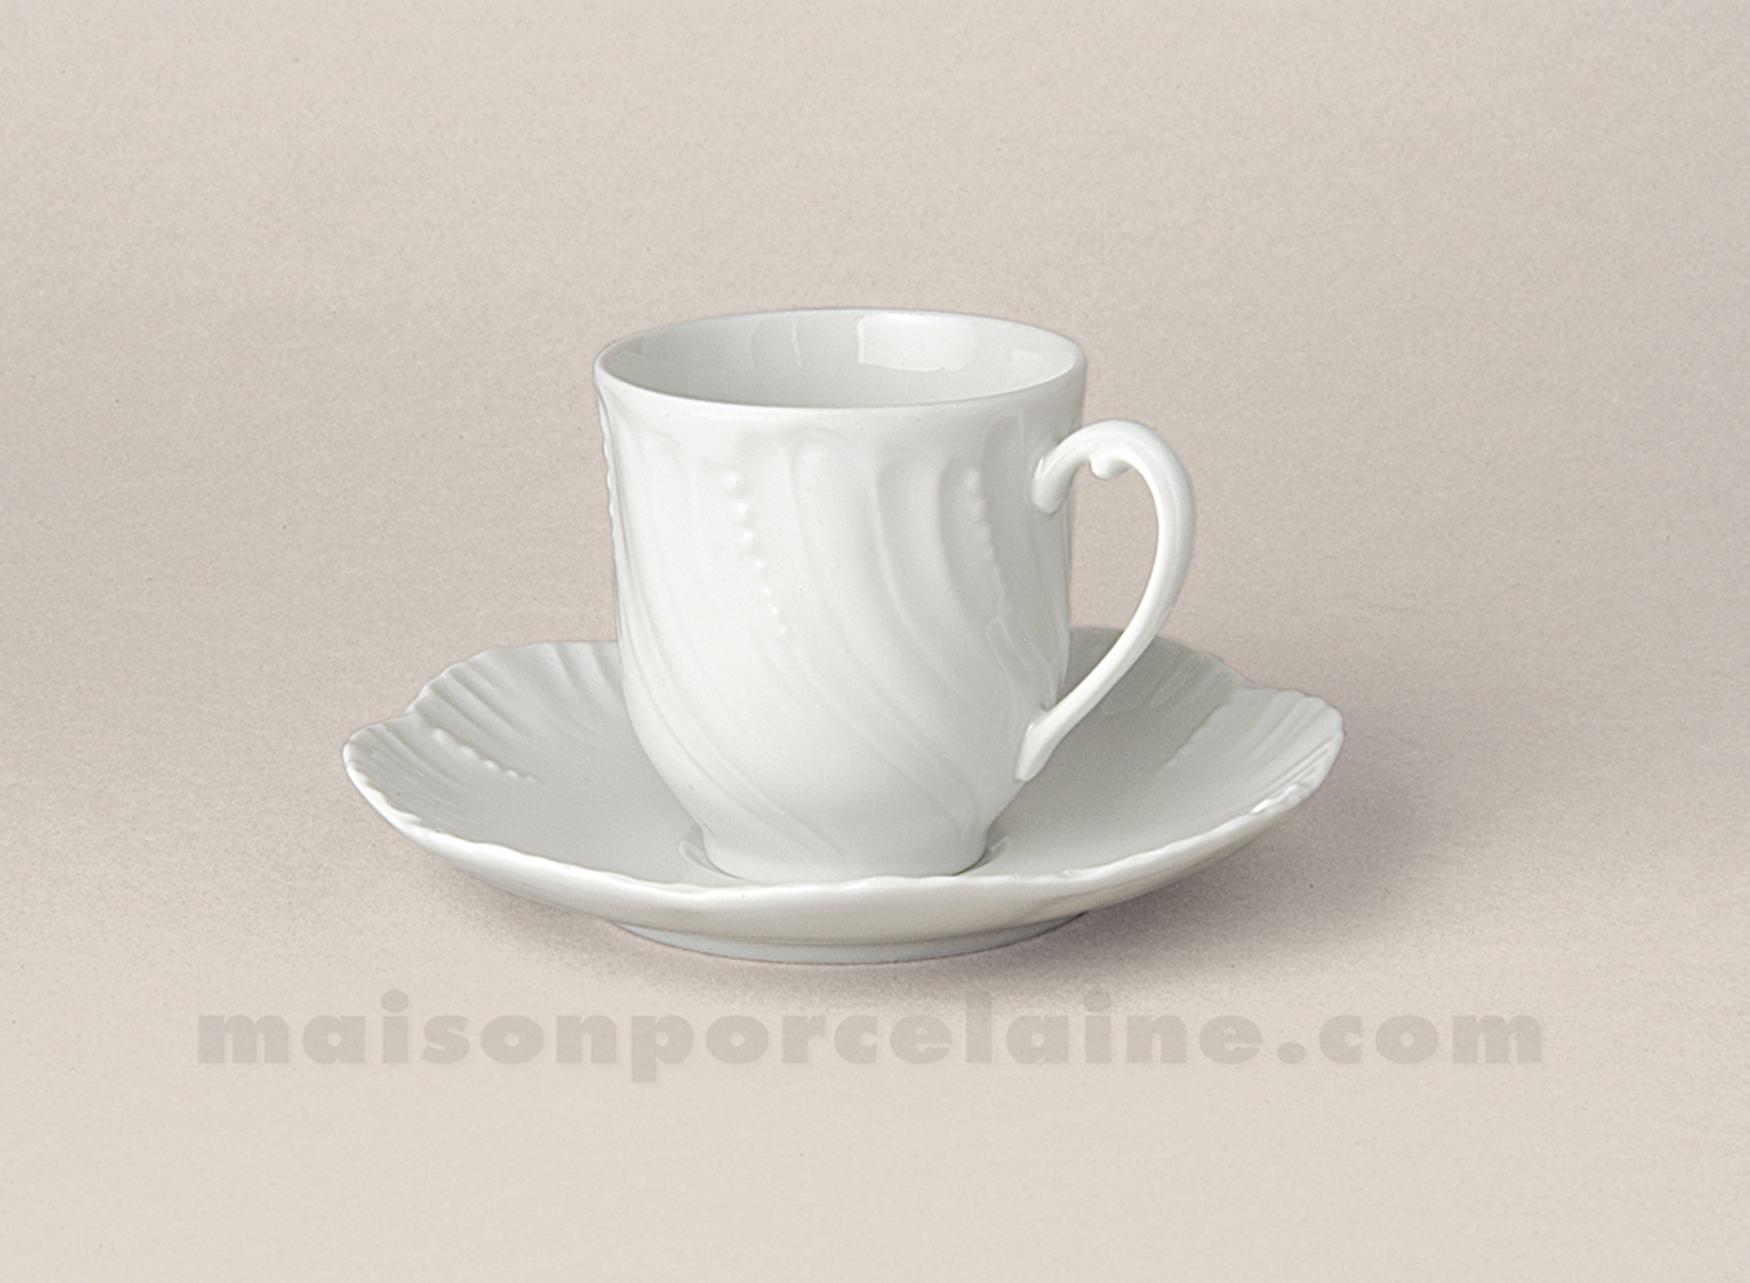 Tasse cafe soucoupe limoges porcelaine blanche ocean 10cl for Maison de la porcelaine